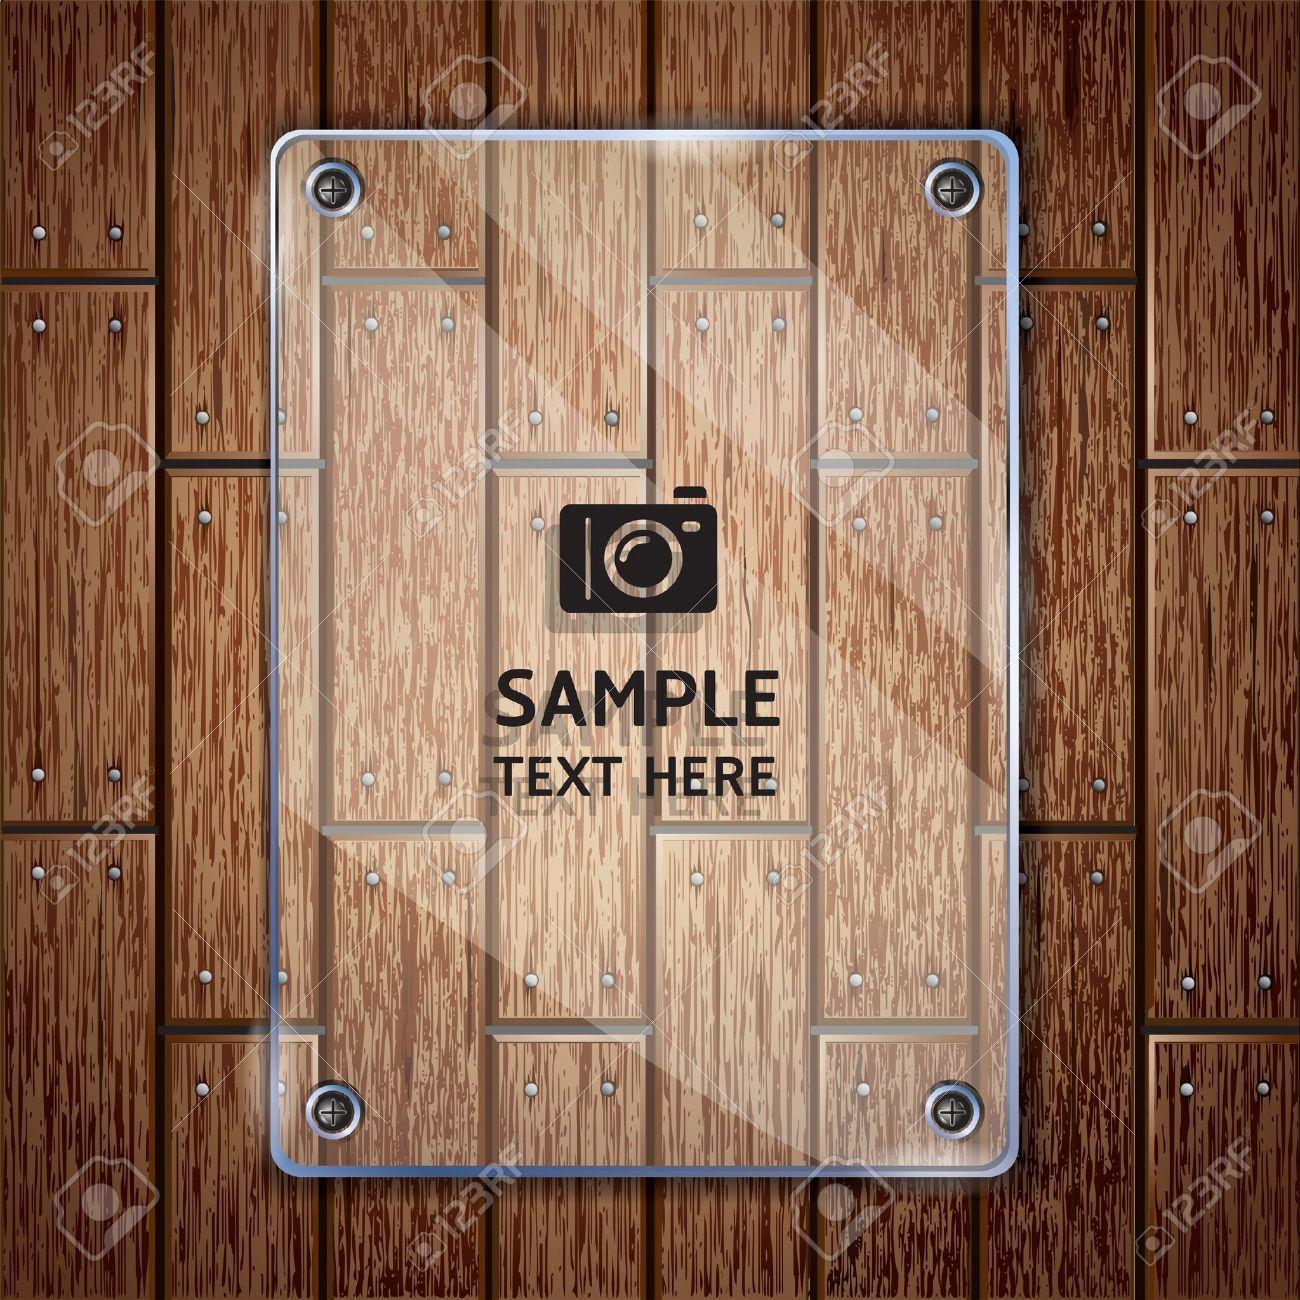 Holz Textur Hintergrund Und Glasrahmen Vektorkühle Lizenzfrei ...